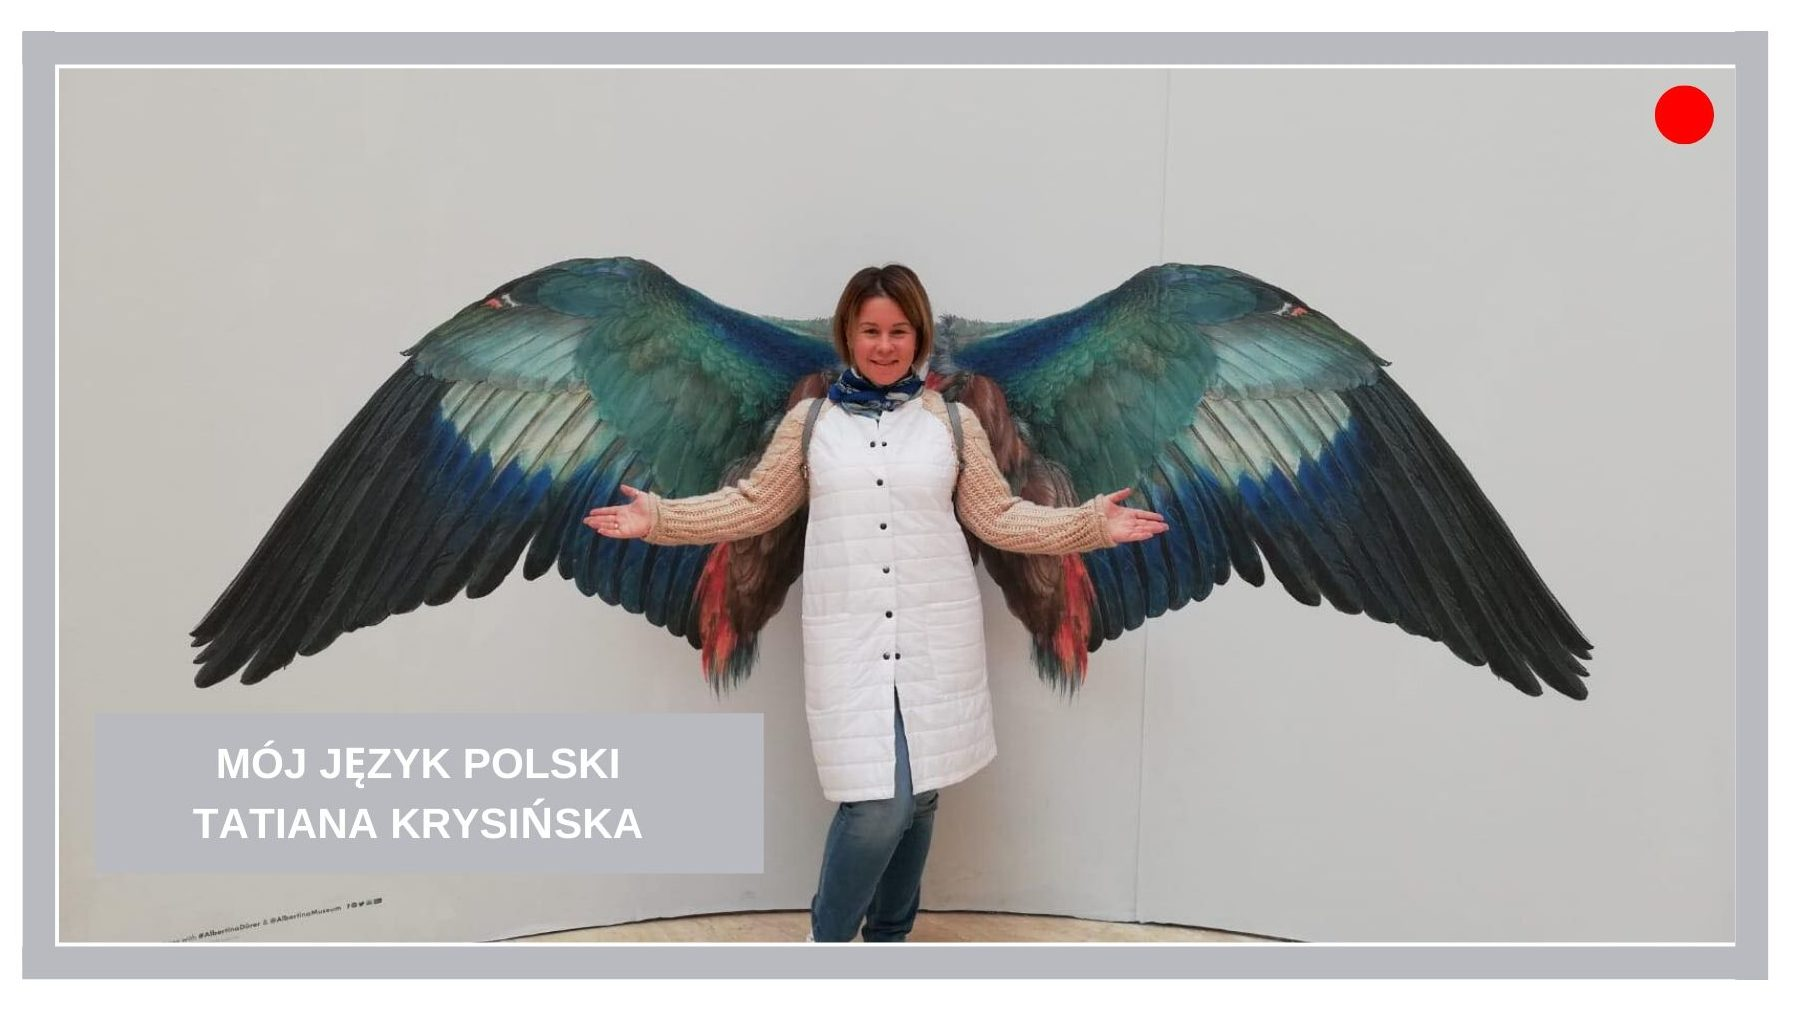 Blog Agnieszka Jasińska - Mój język polski Tatiana Krysińska